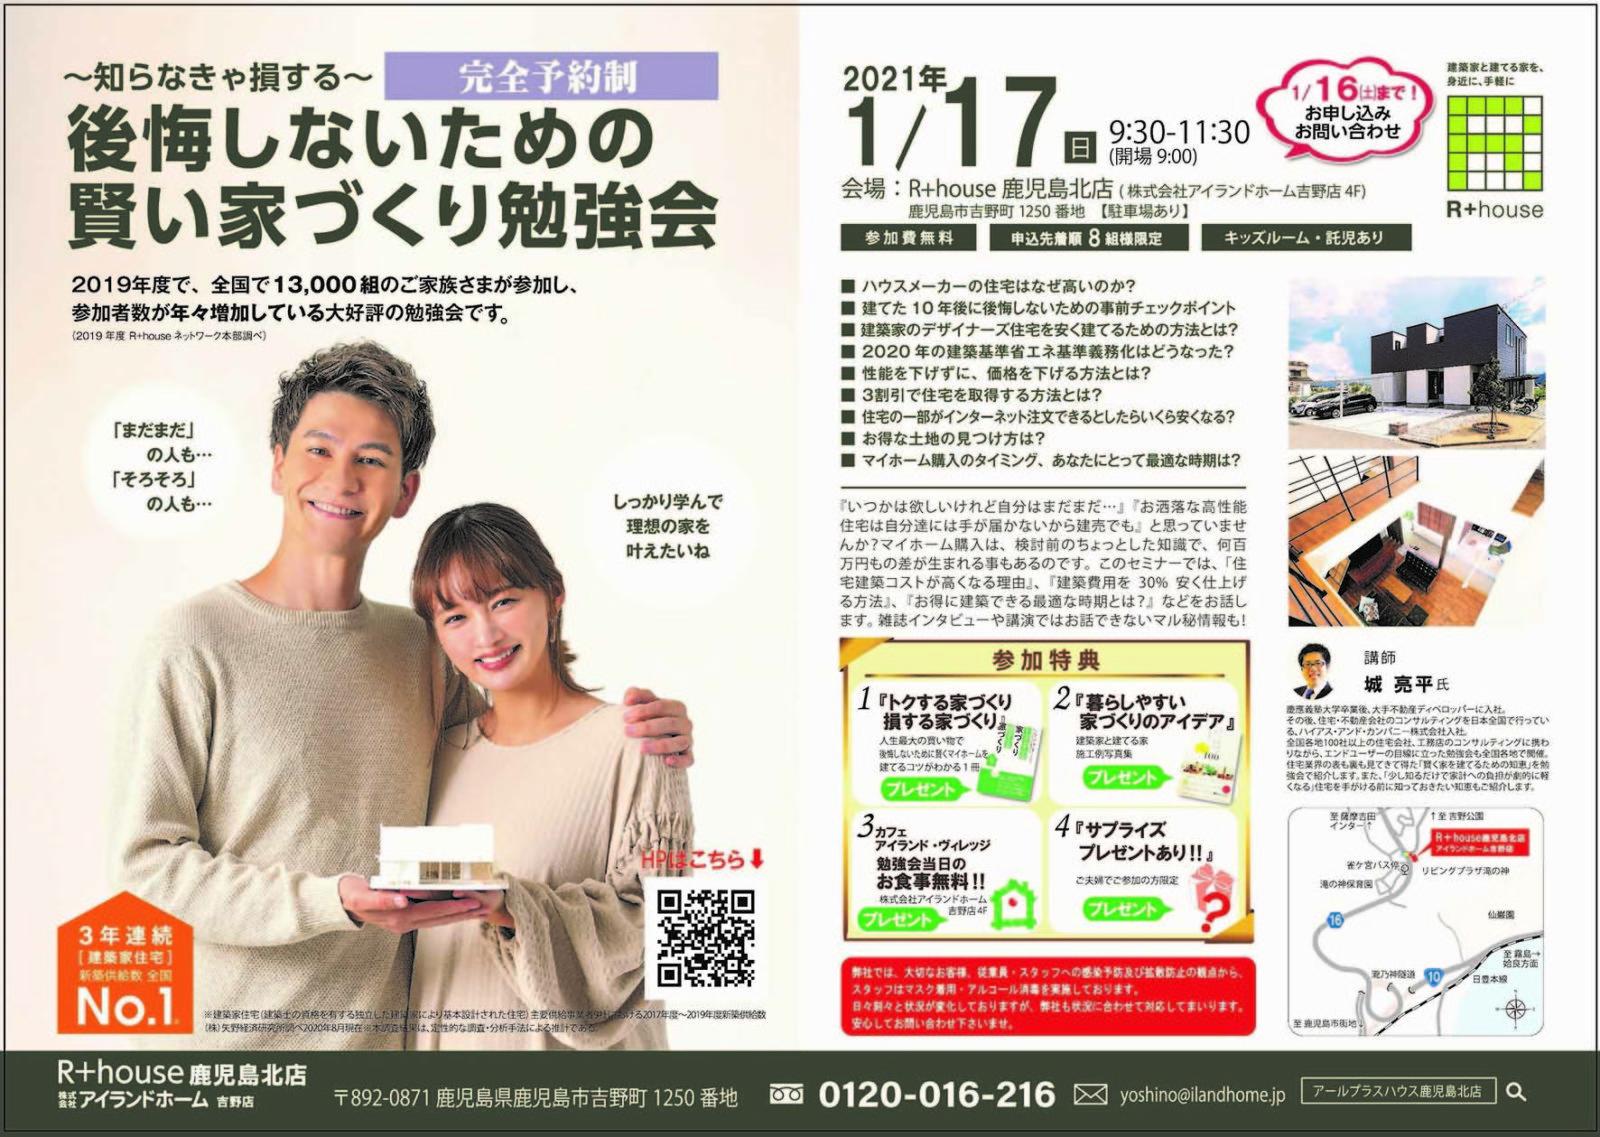 鹿児島市吉野町で 後悔しないための賢い家づくり勉強会